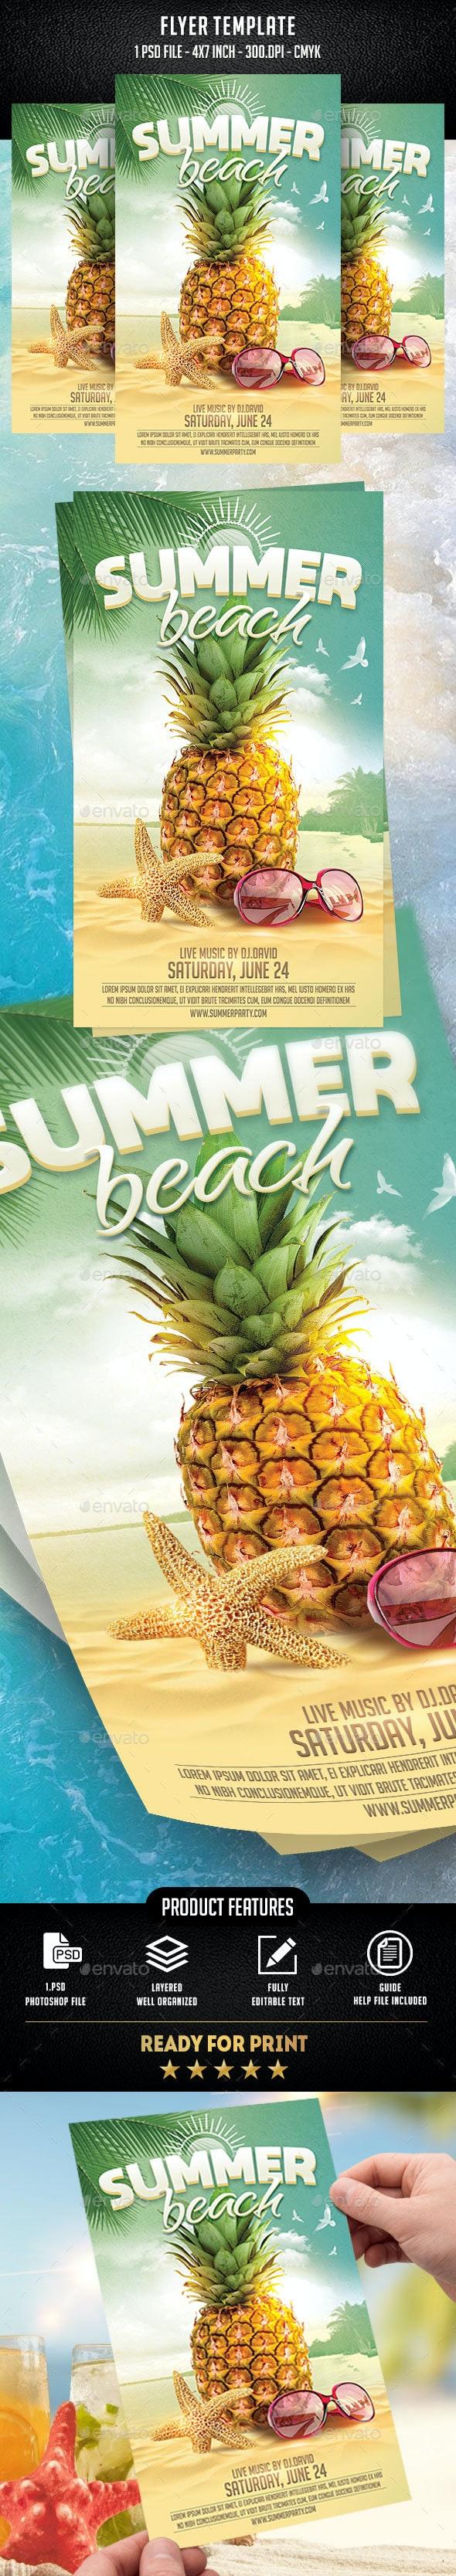 Summer Beach Flyer Template - Flyers Print Templates